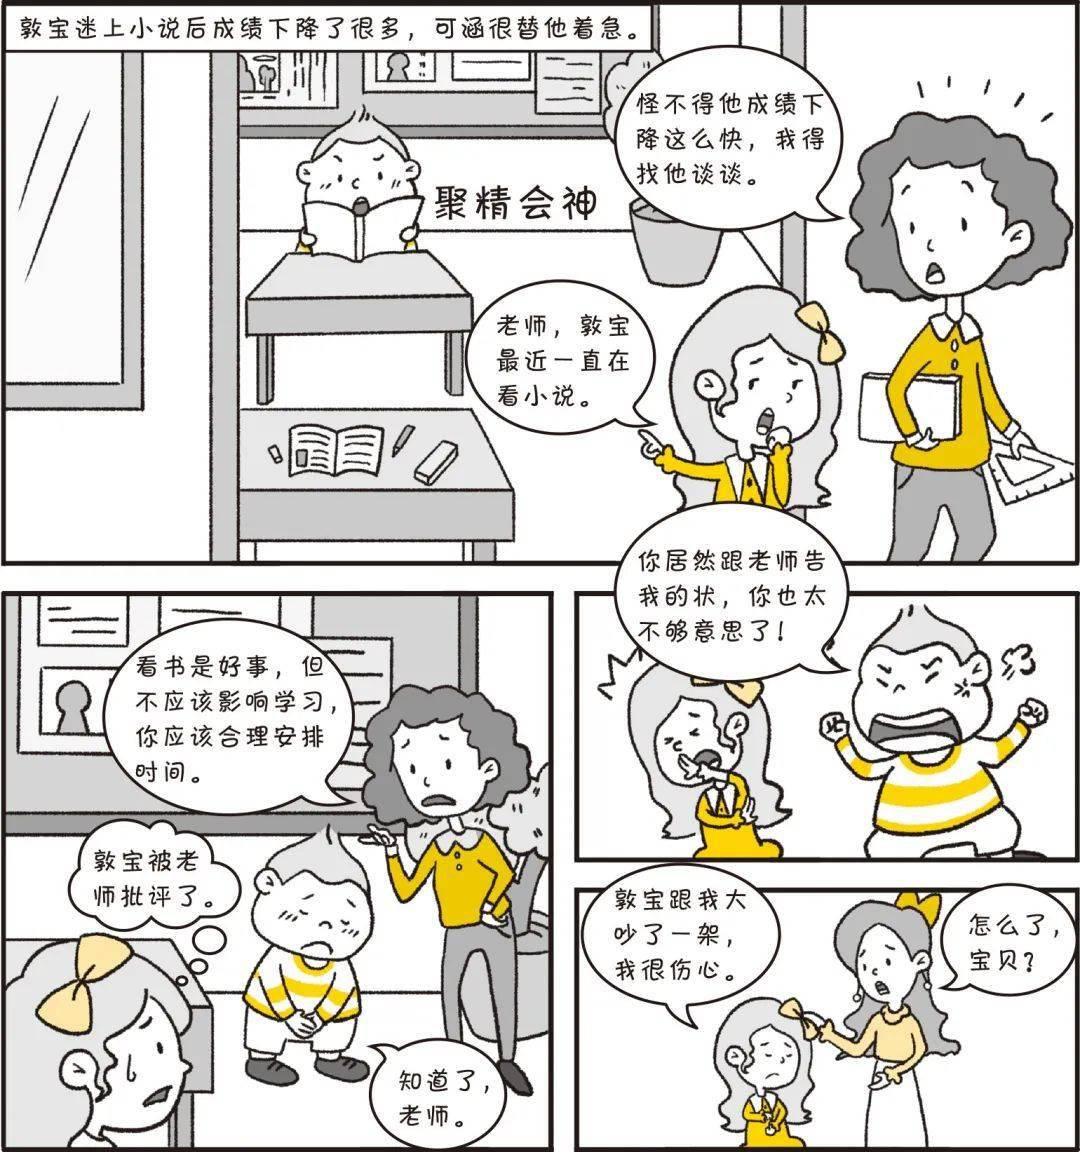 新学期必备:不会说话的孩子总吃亏, 这套书让孩子开口赢!